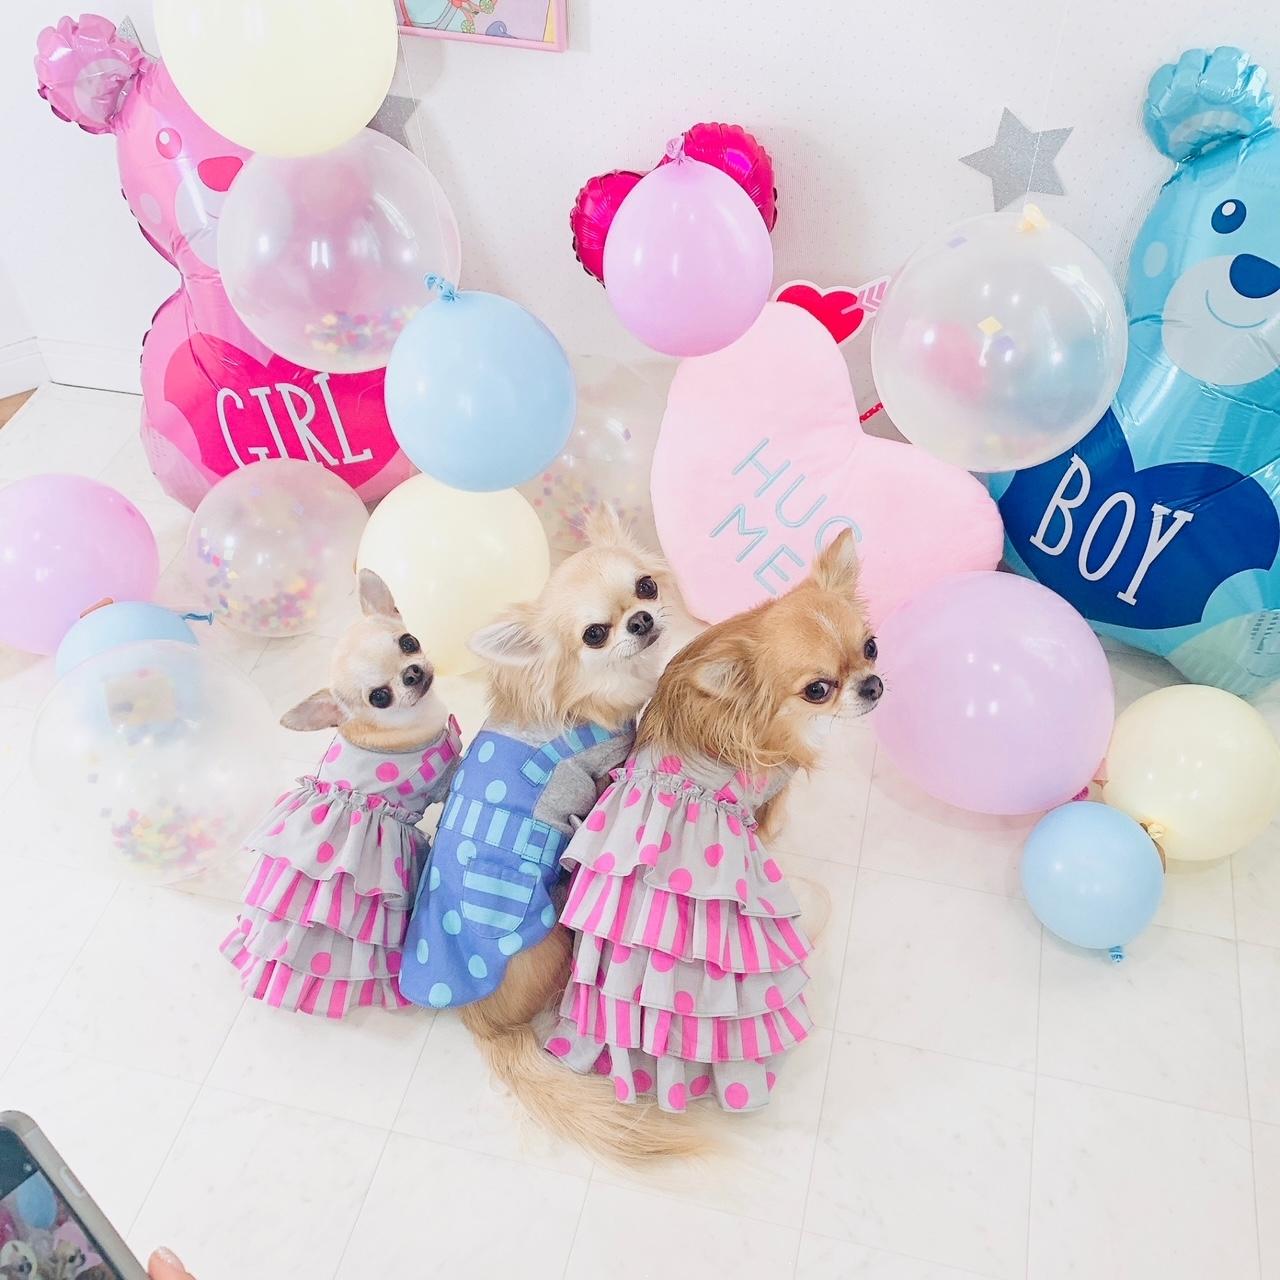 2021/2/24-3/9 西宮店 Candy Buppie